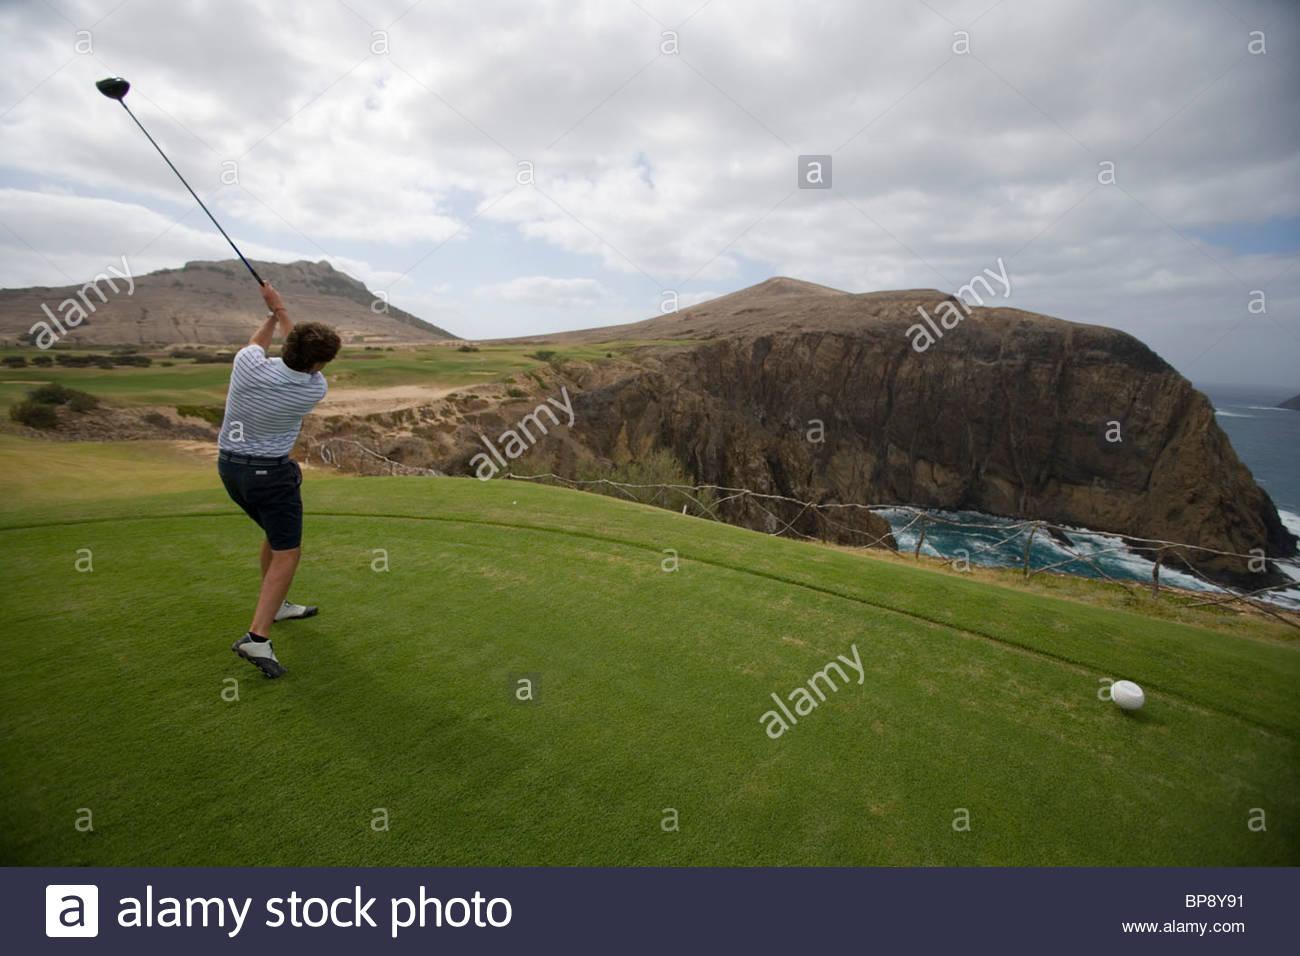 Golfer Abschlag an Loch 14 auf Porto Santo Golfe Golf Course, Porto Santo, in der Nähe von Madeira, Portugal Stockbild